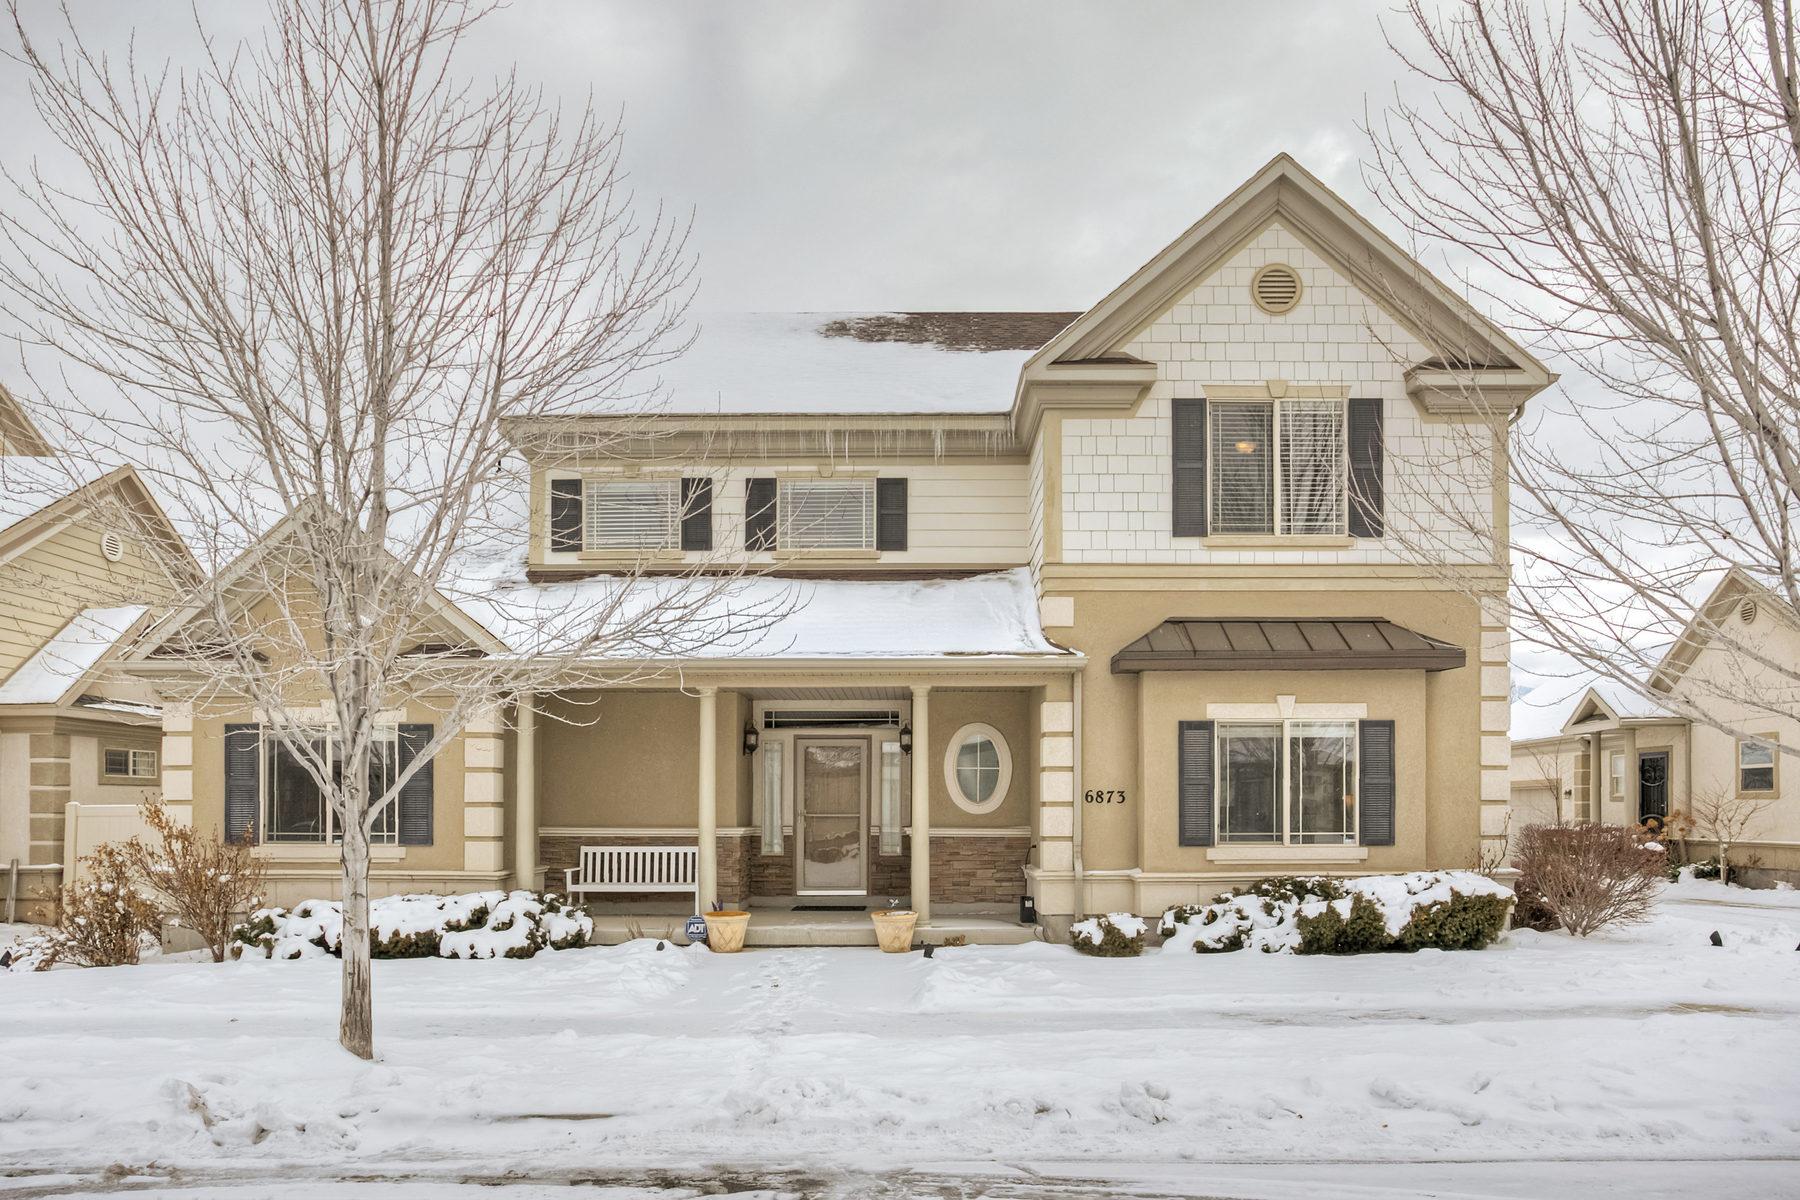 Maison unifamiliale pour l Vente à Jordan River Parkway Gem 6873 Triumph Ln West Jordan, Utah 84084 États-Unis